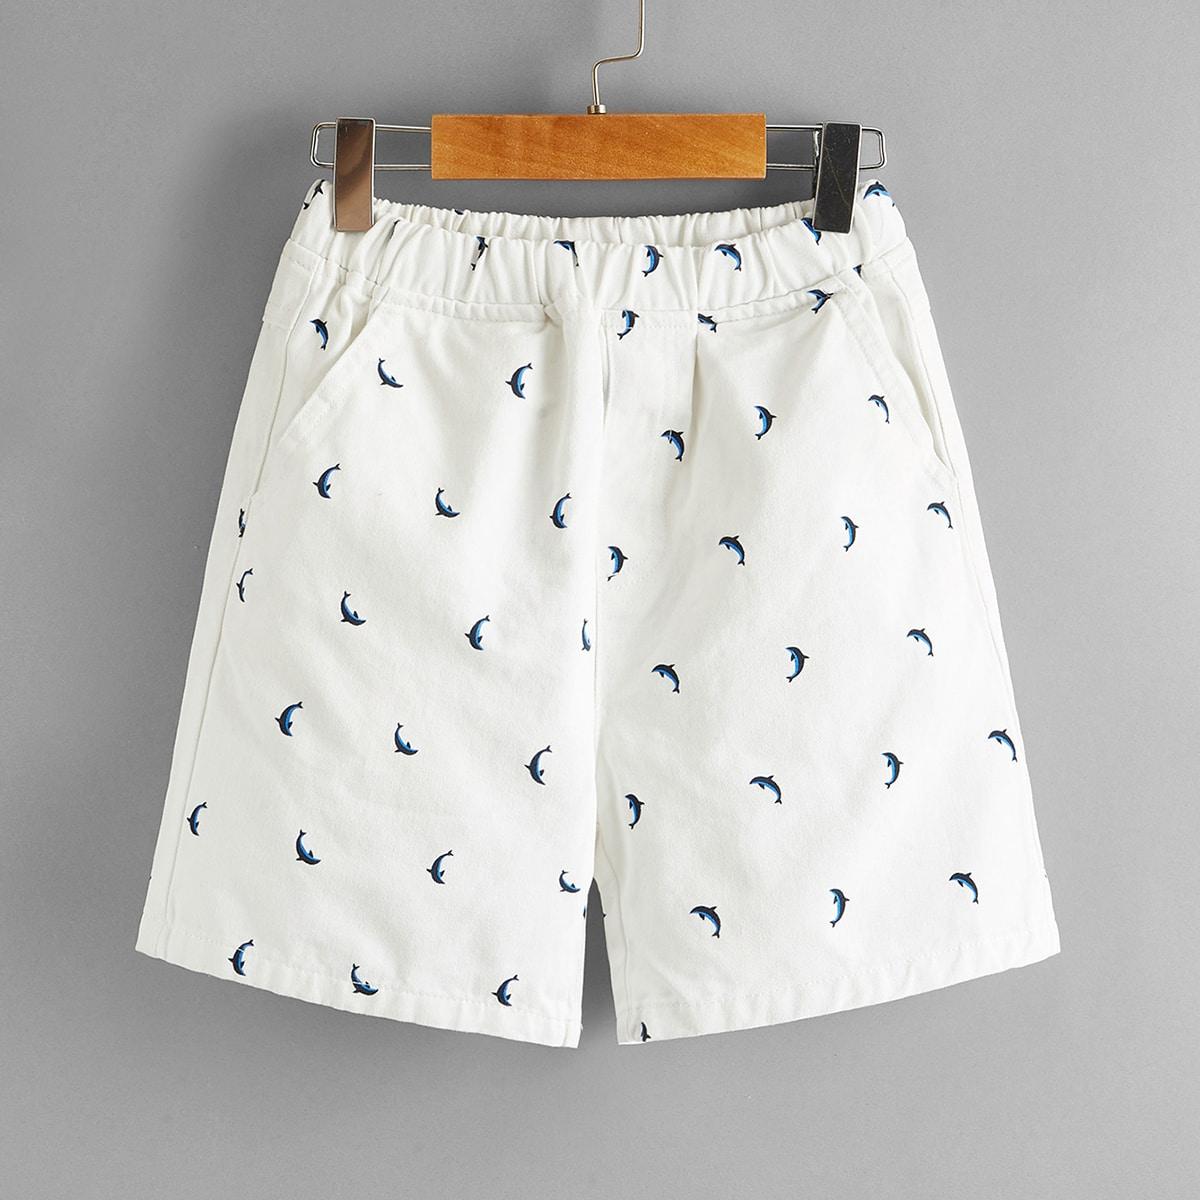 Shorts mit Delfine Muster